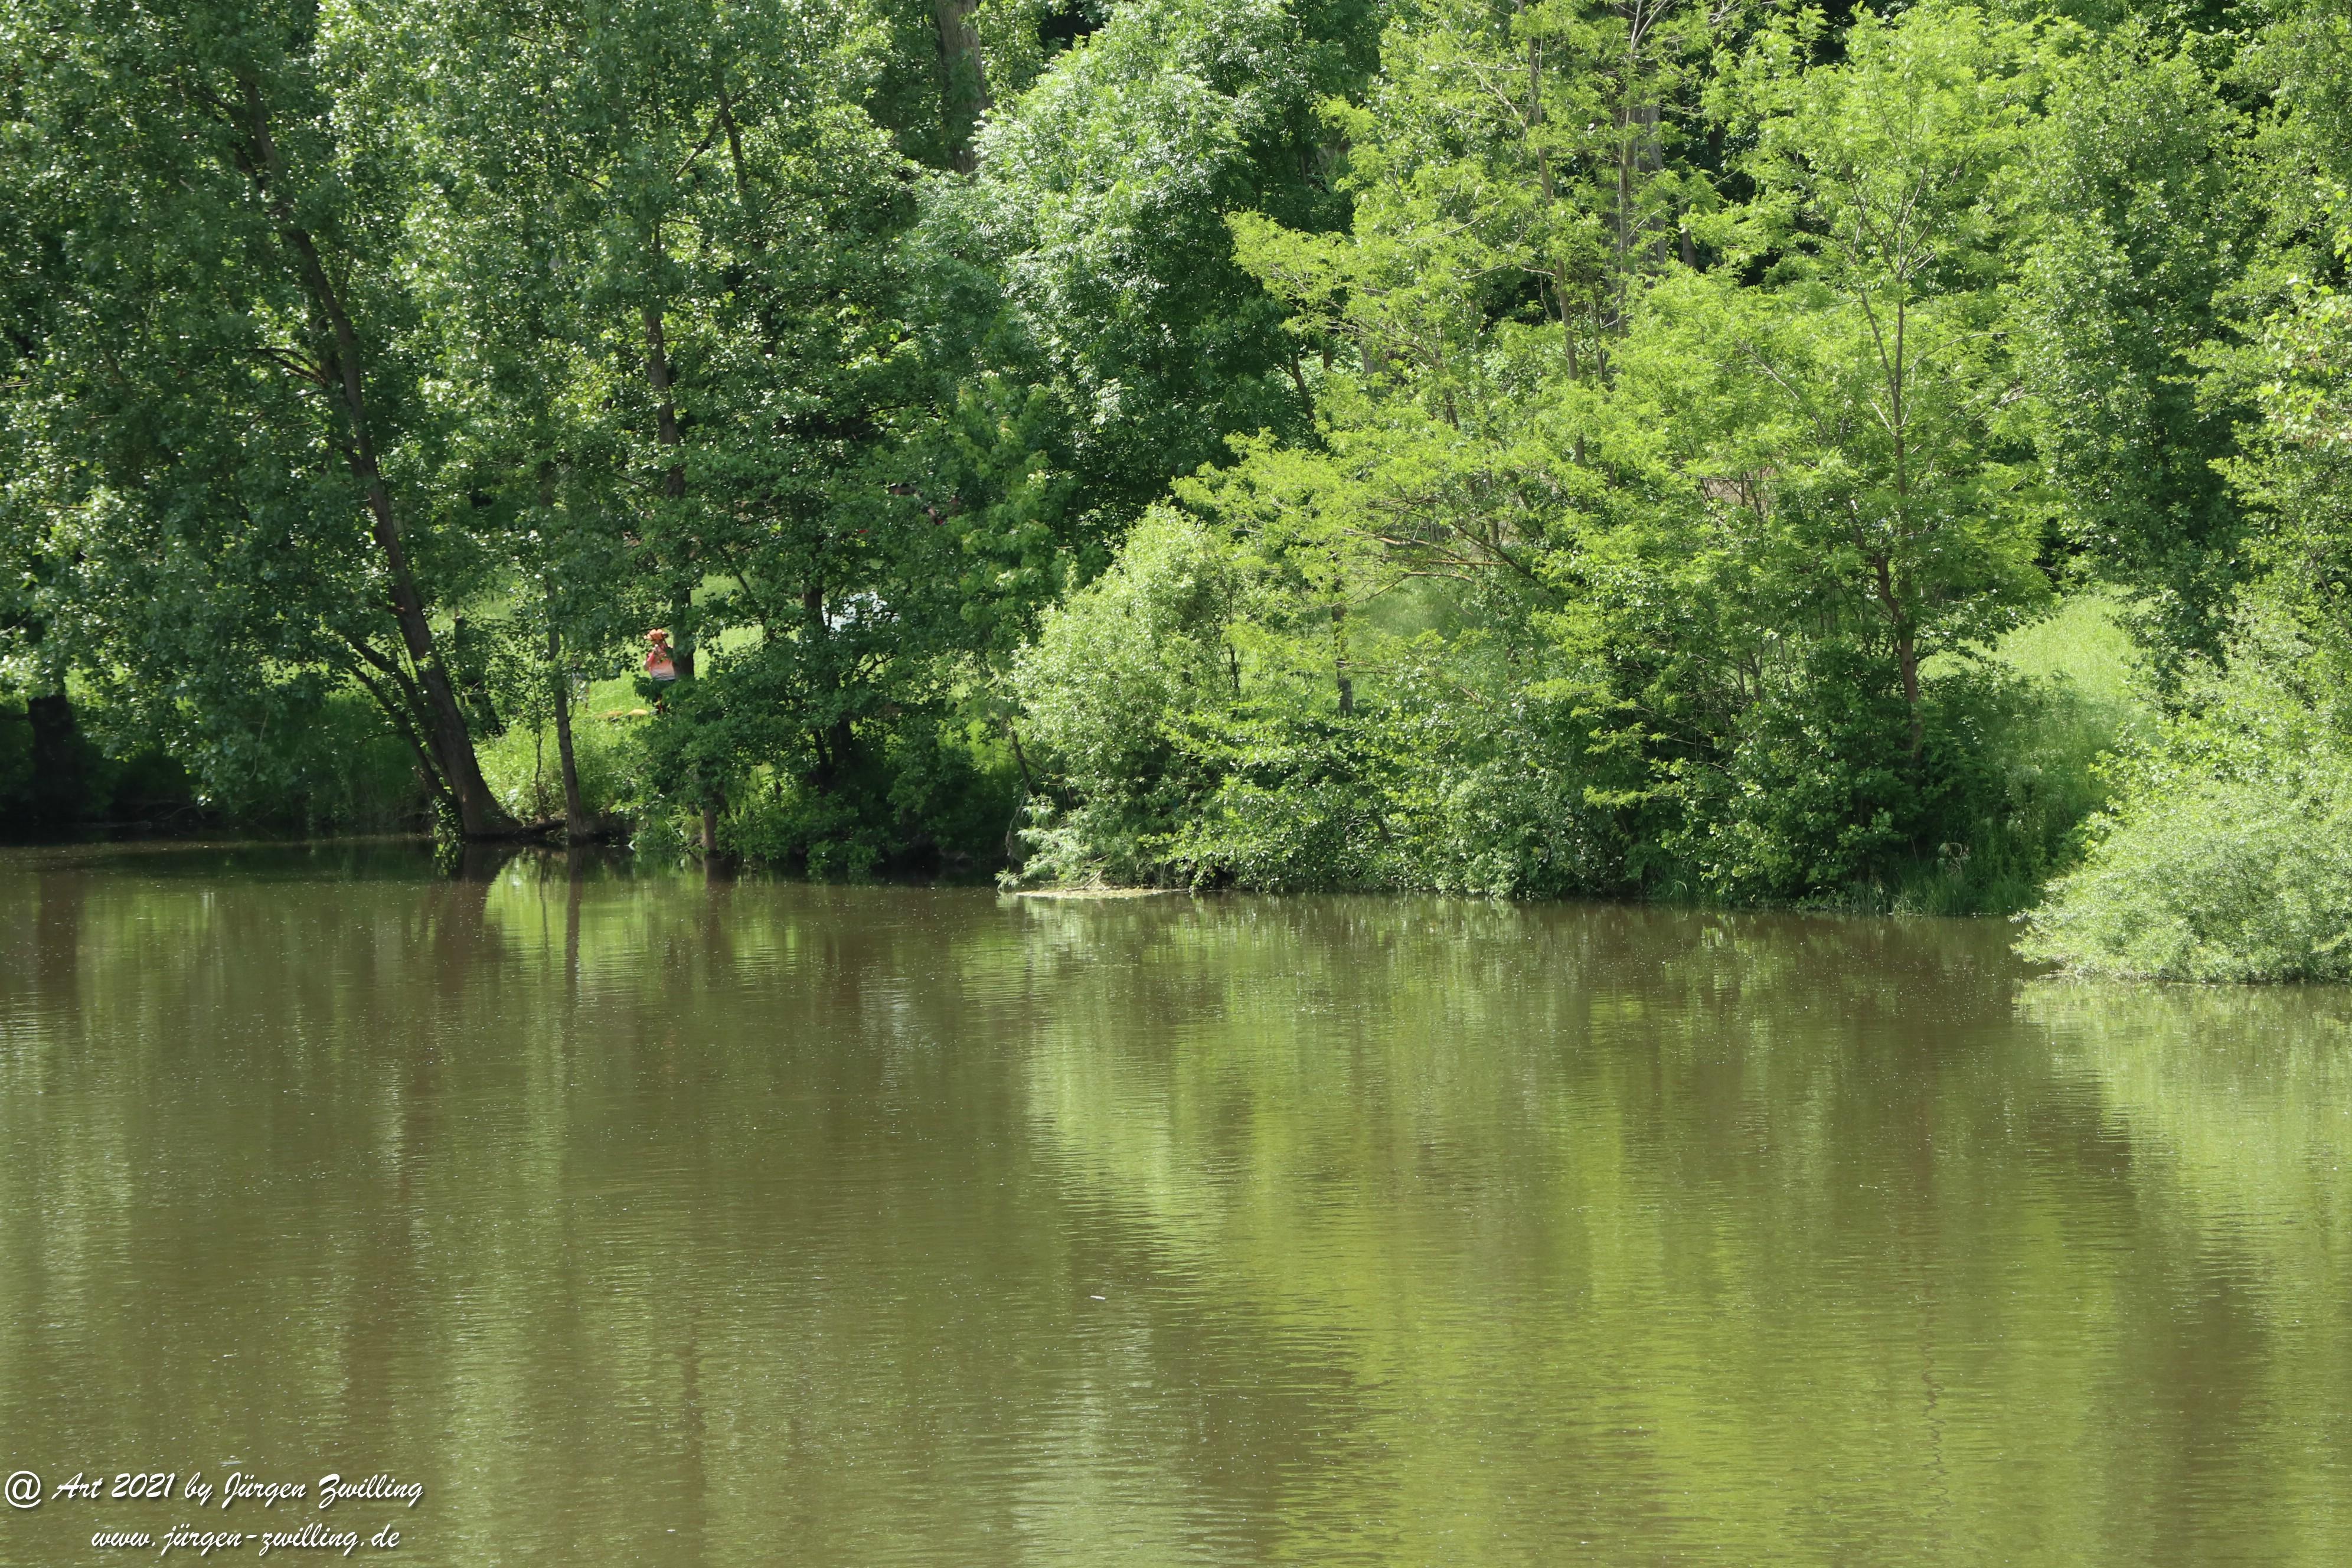 Ufer 1